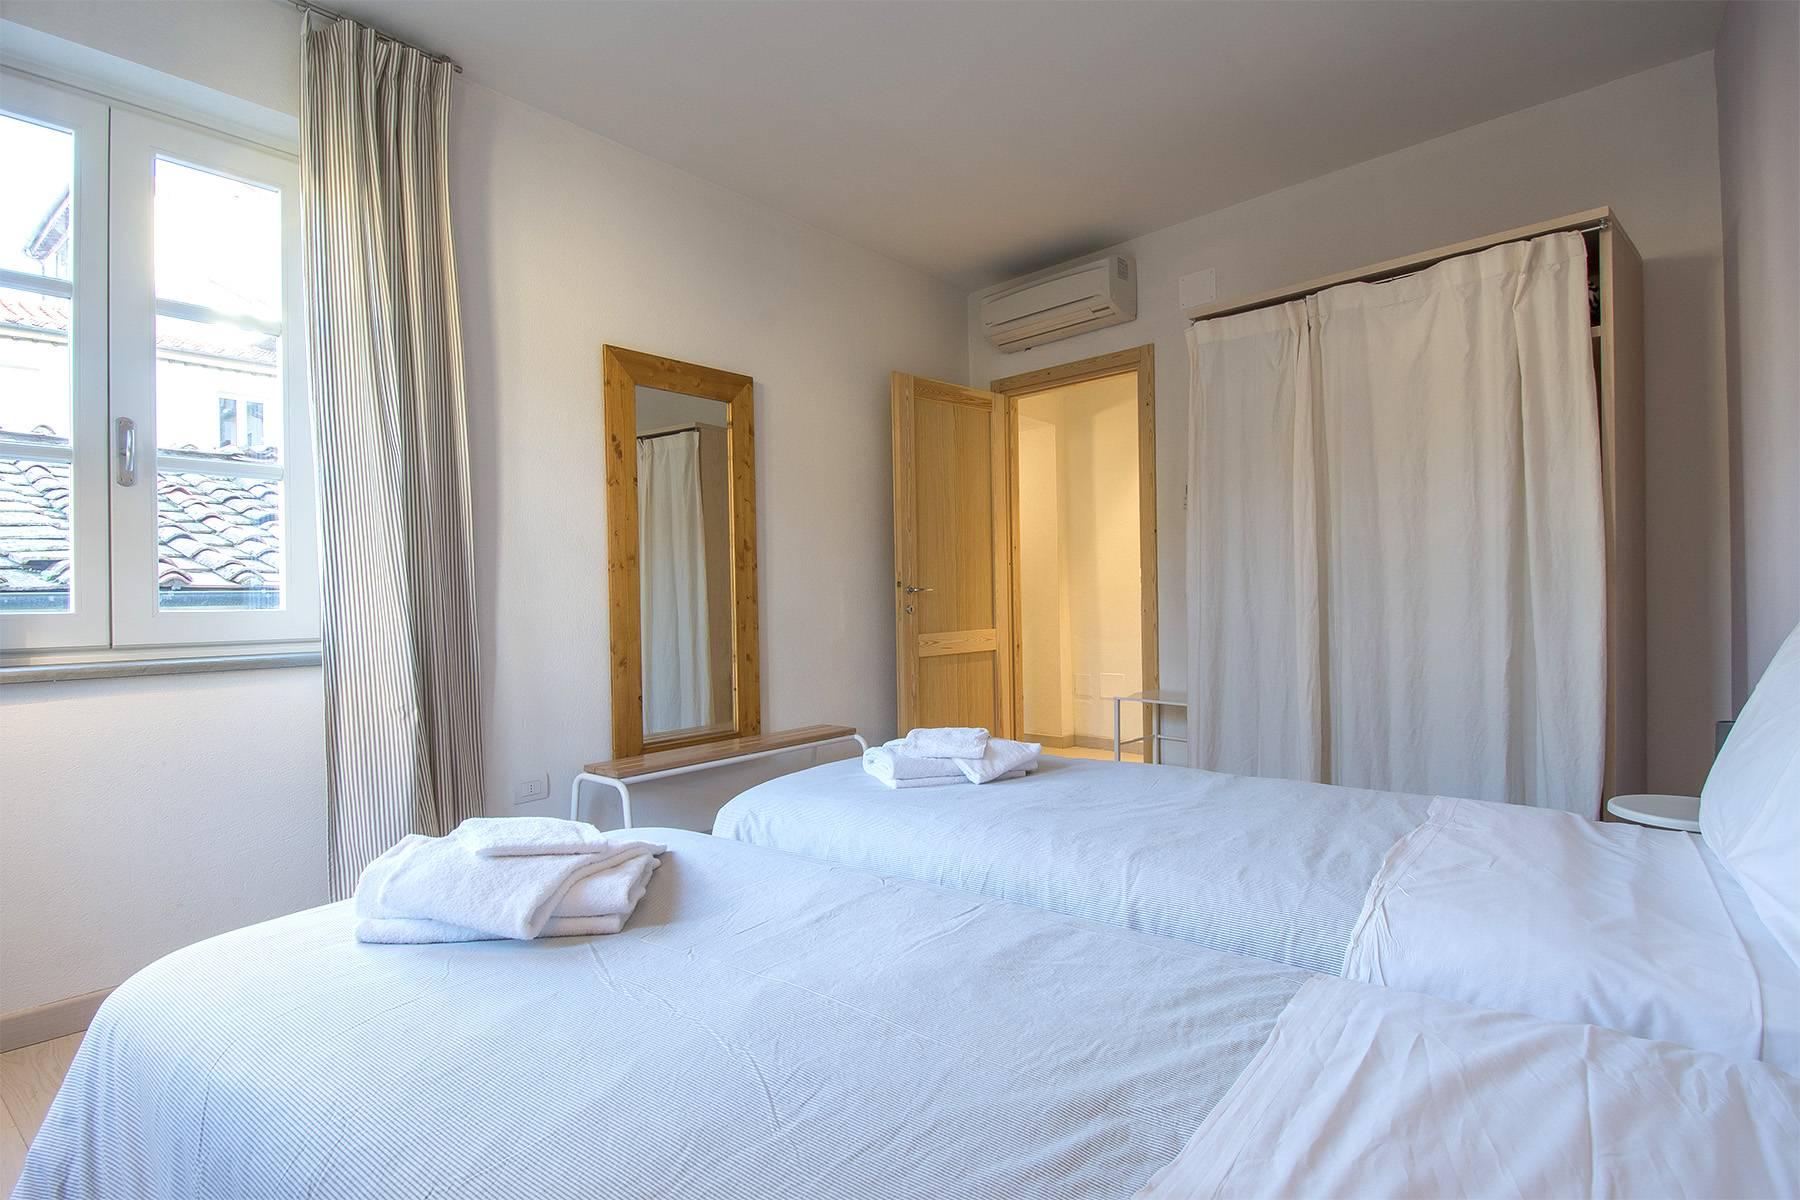 Appartamento in Vendita a Lucca: 3 locali, 105 mq - Foto 15